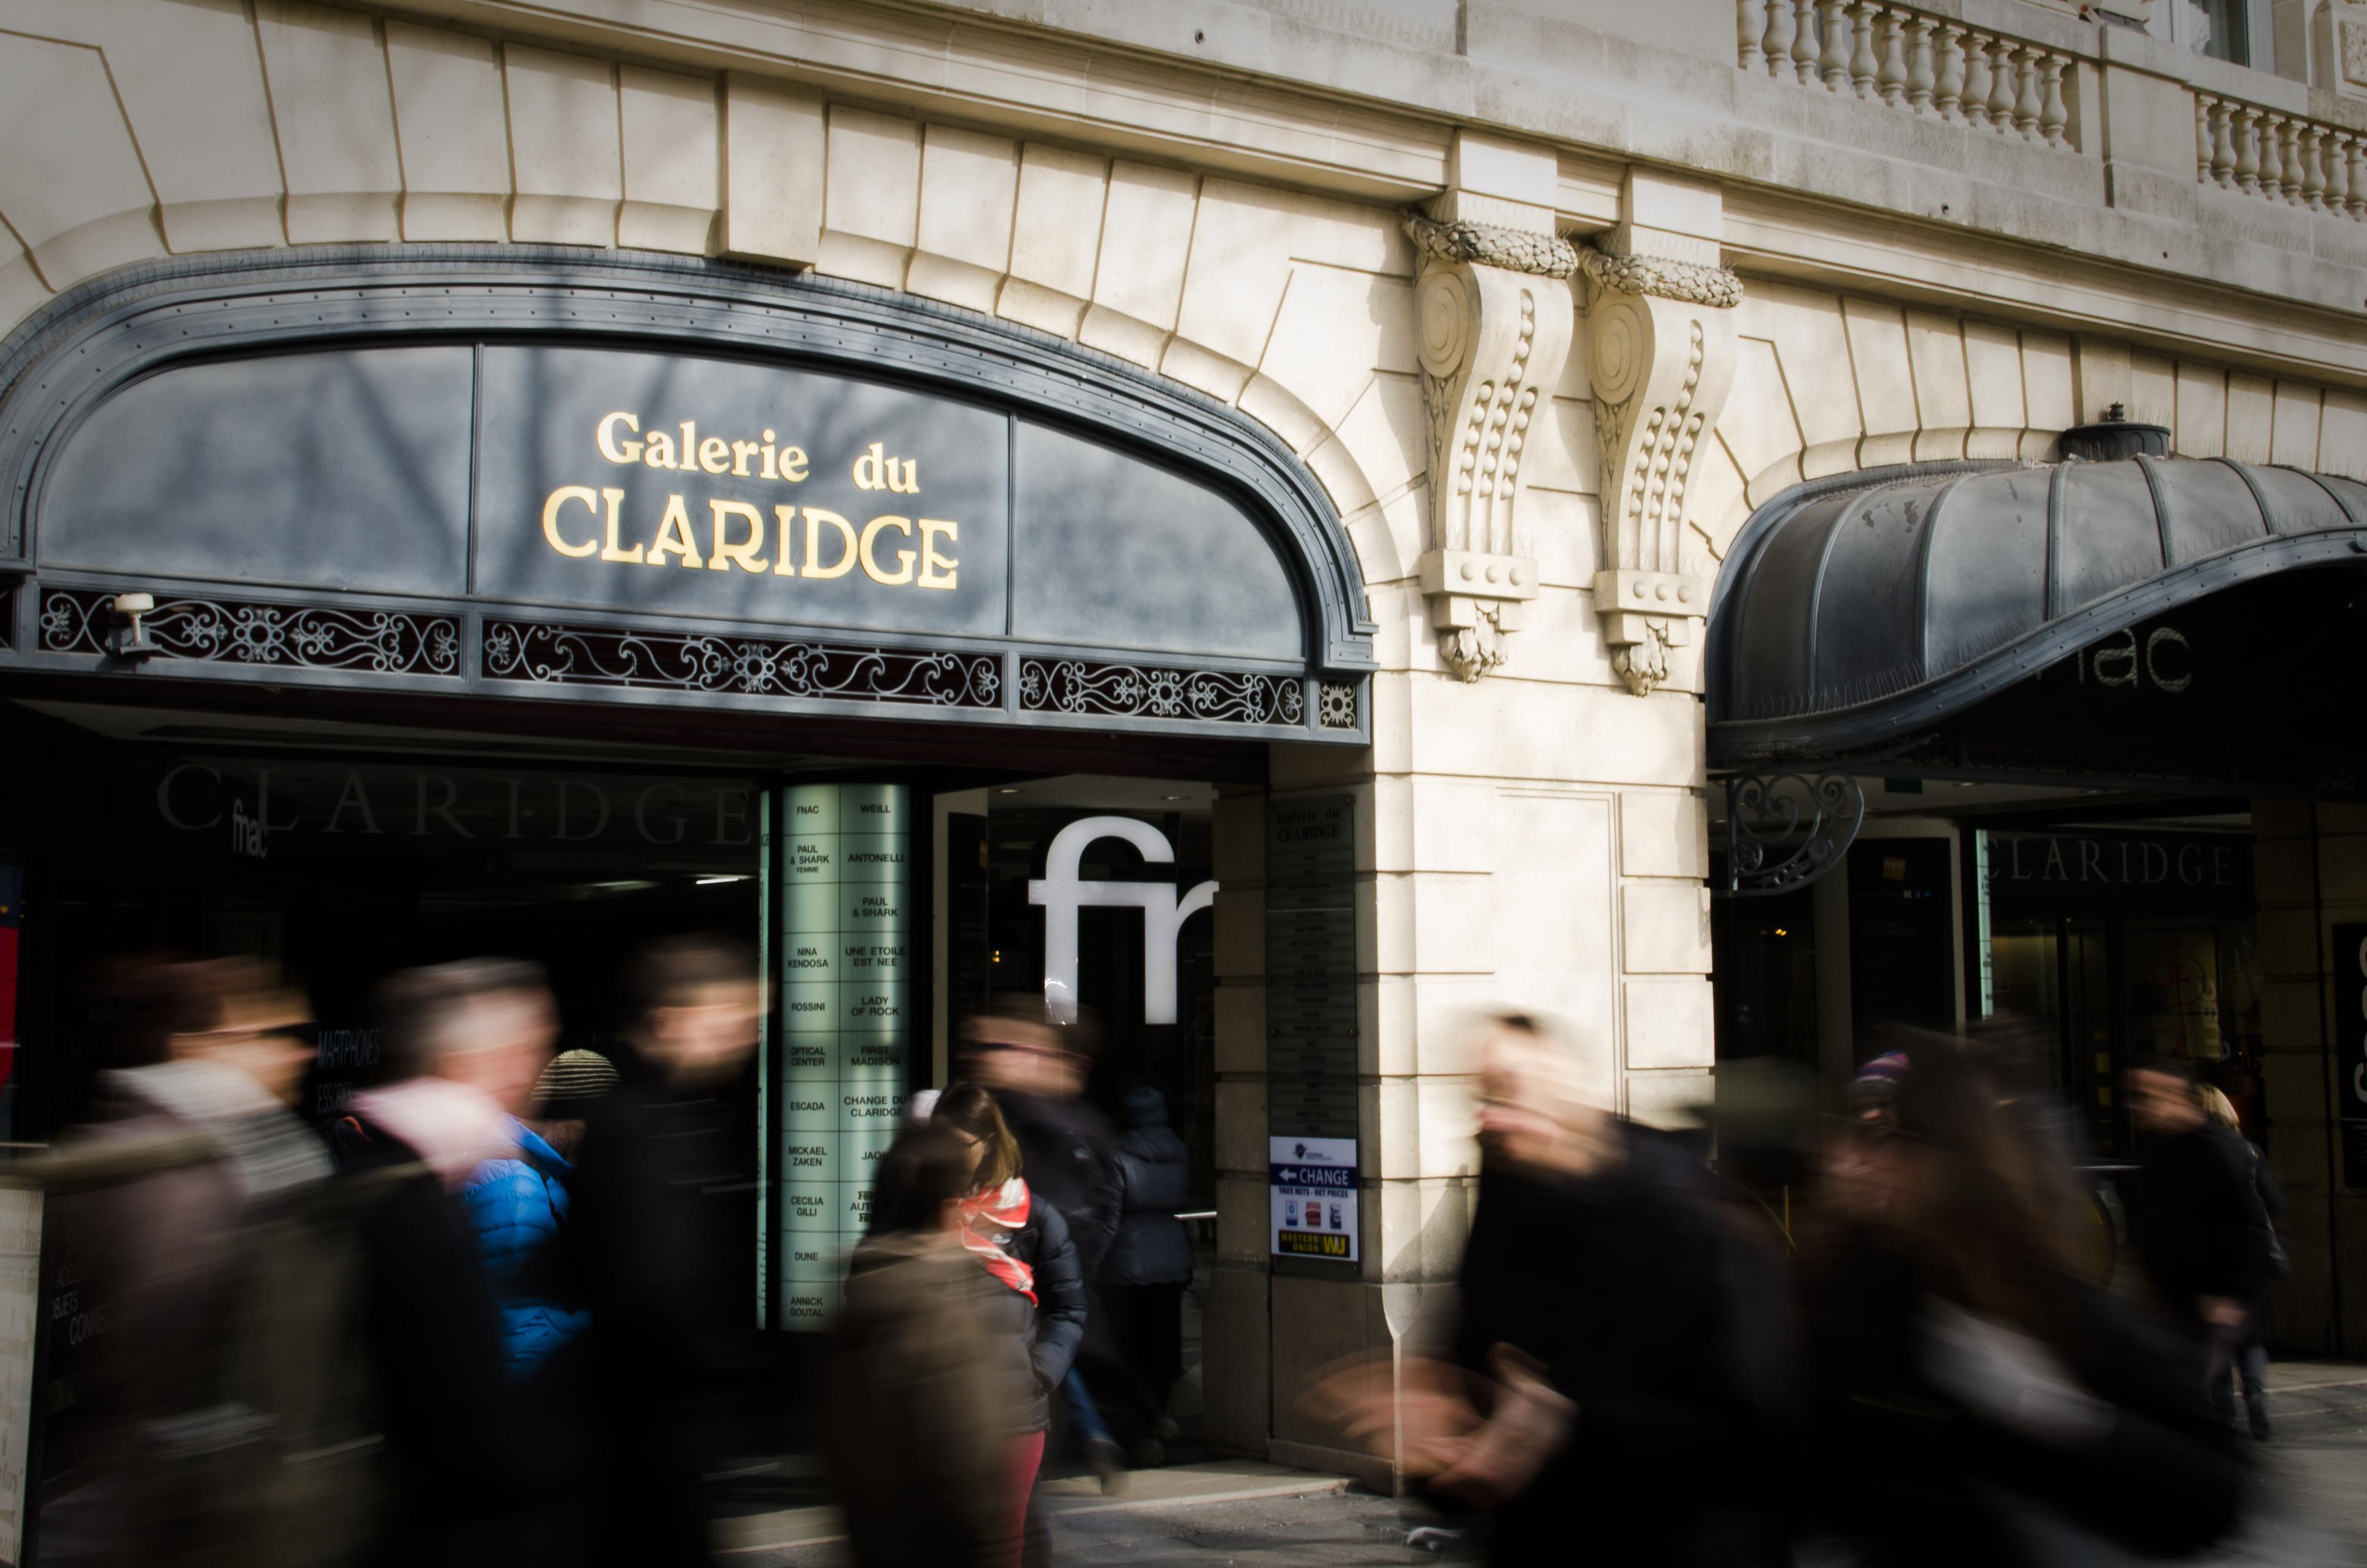 La galerie du Claridge au 74 de l'avenue des Champs Élysée